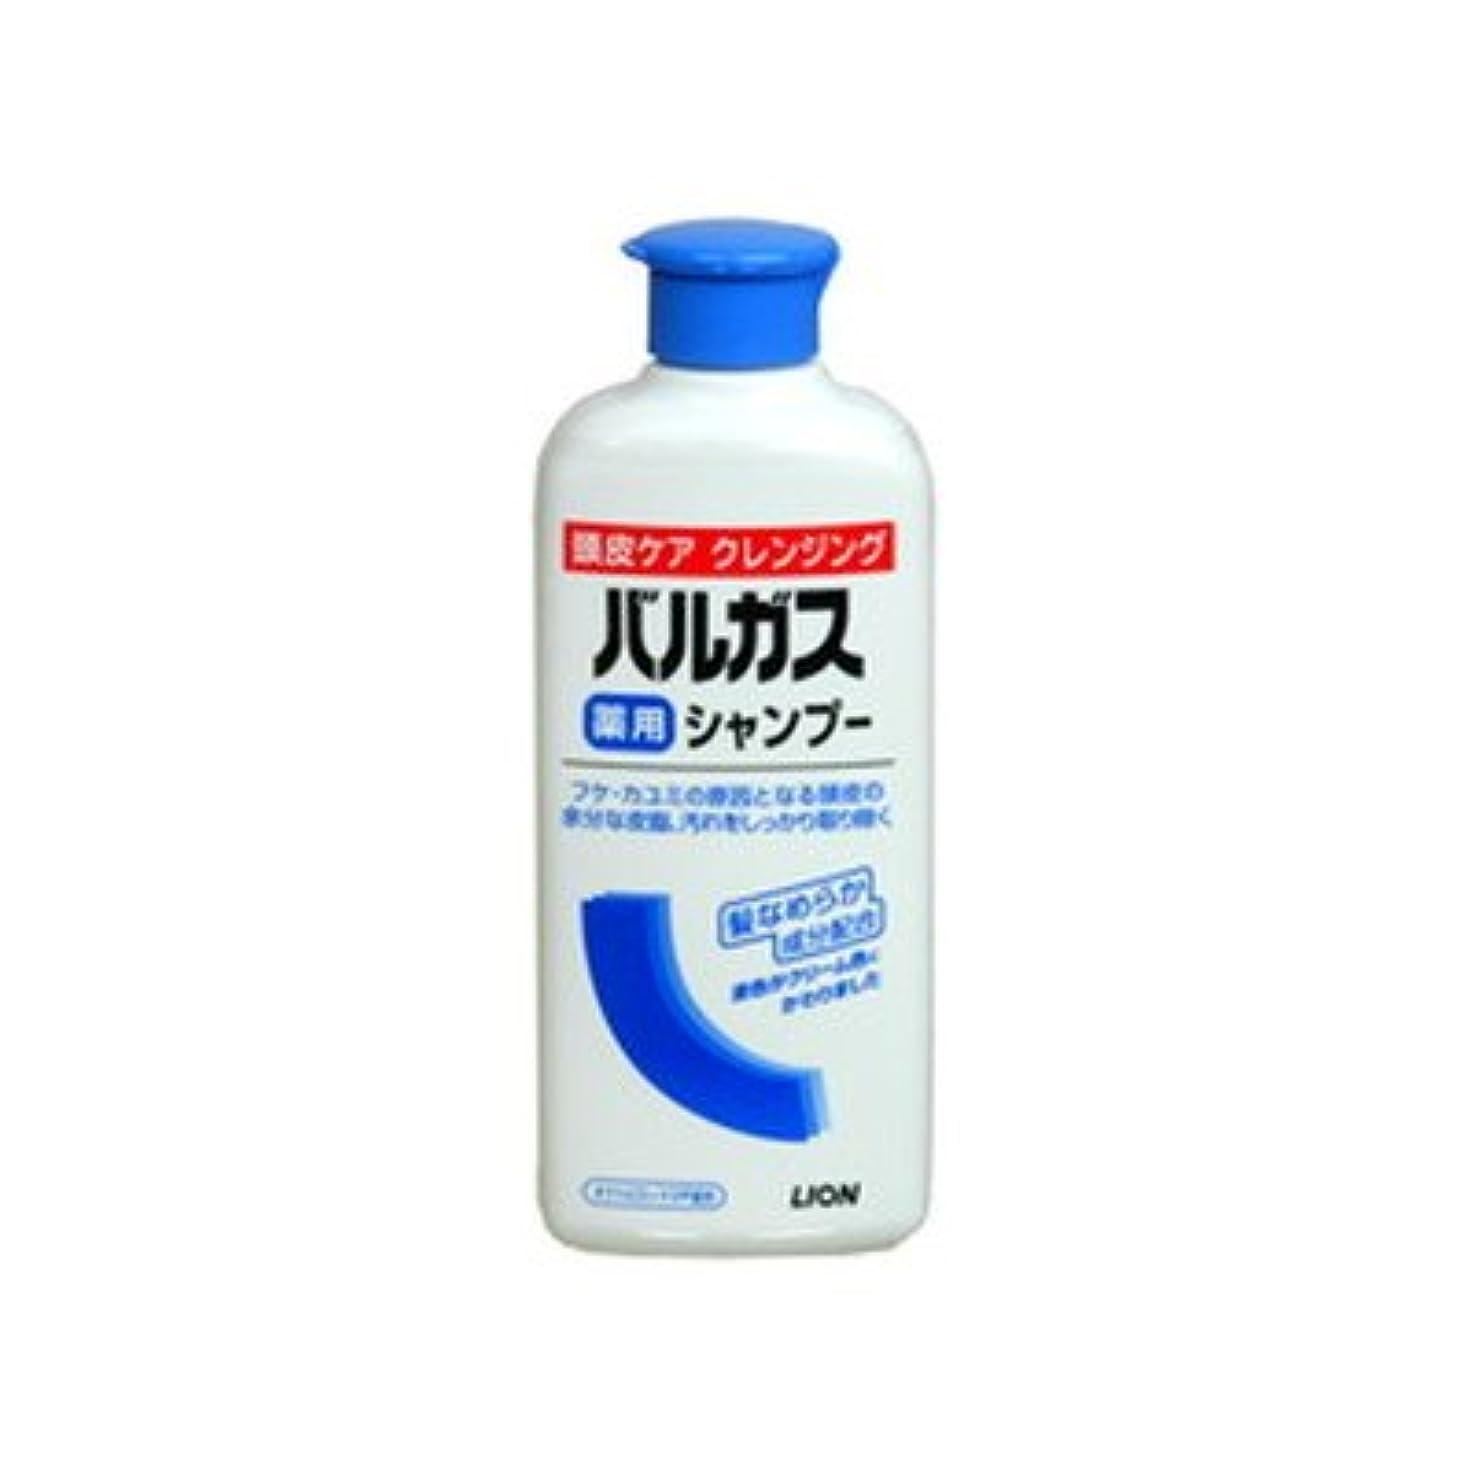 古い階段悲しいことに【医薬部外品】バルガス薬用シャンプー 200ML 【3個セット】